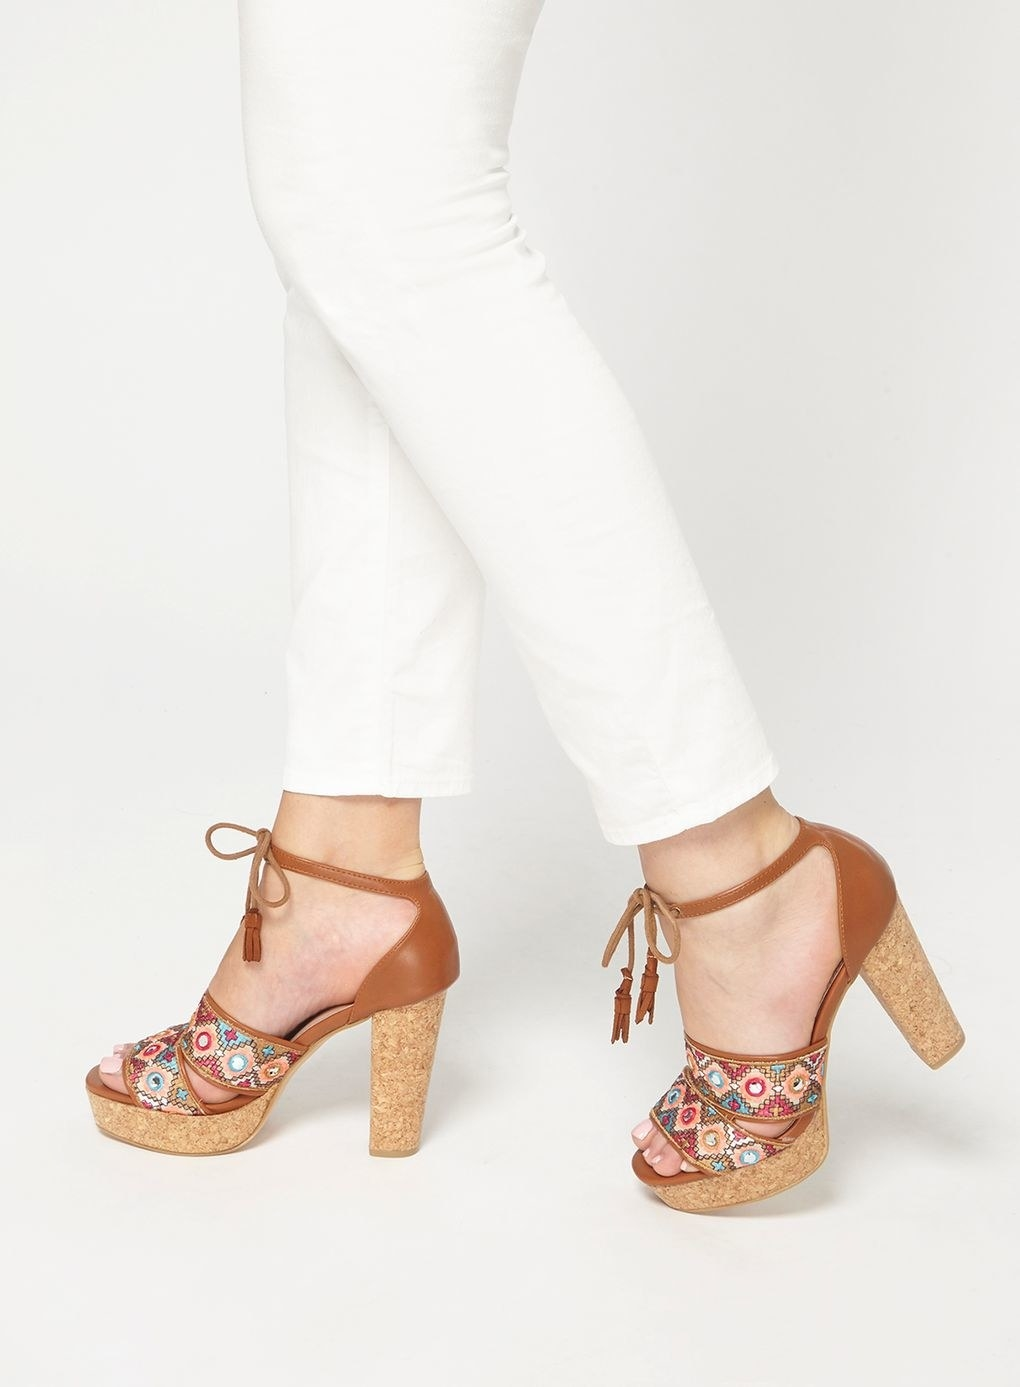 15 Legitimately Cute Shoes For Ladies